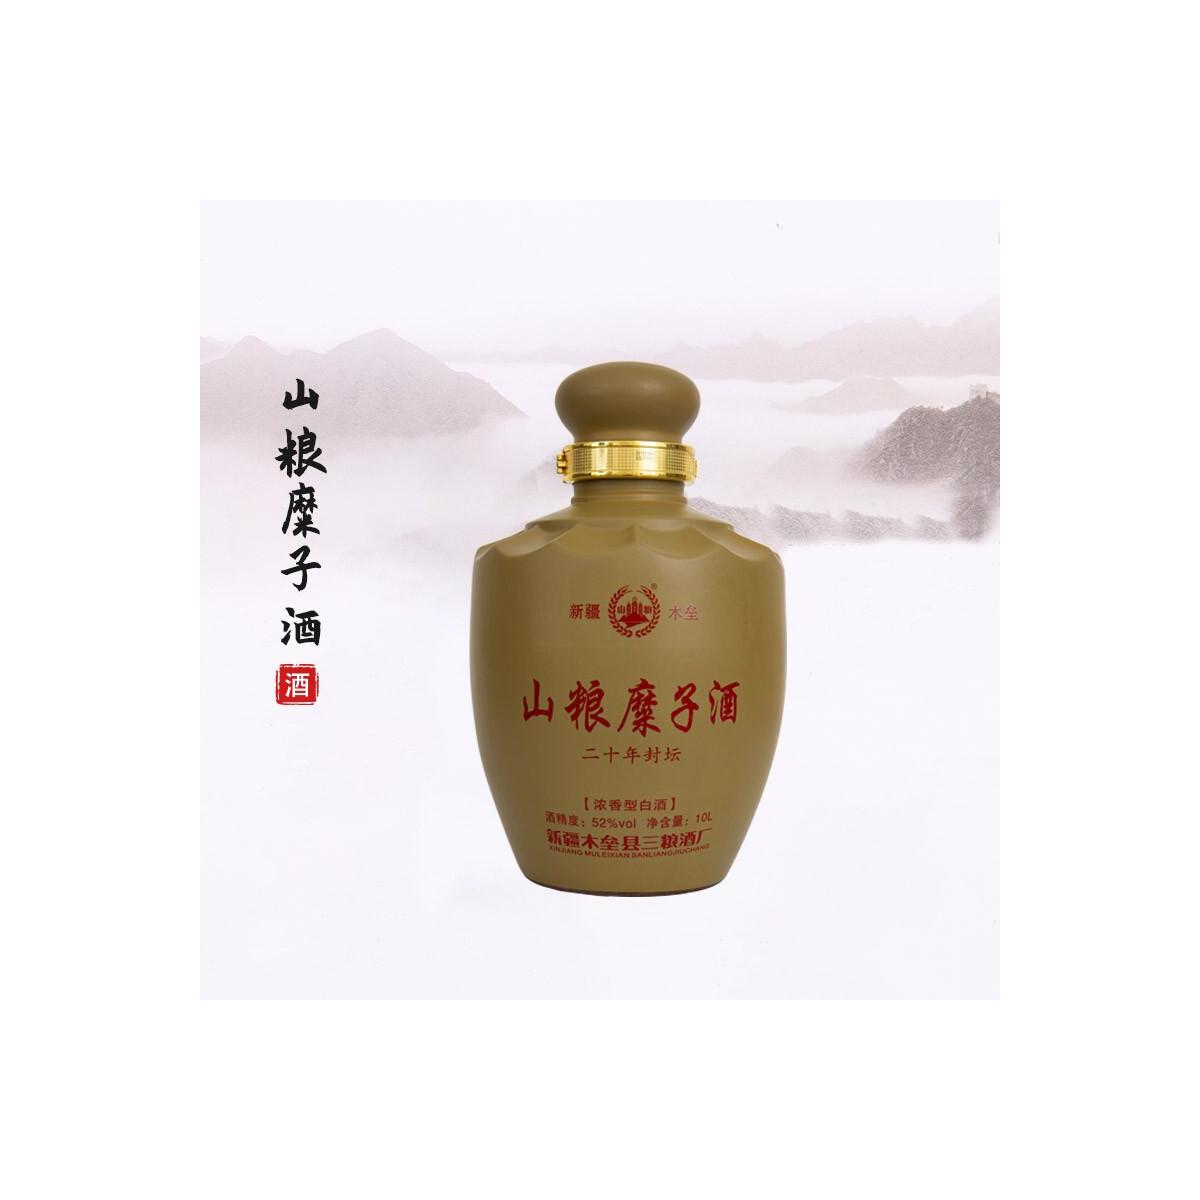 白酒礼盒装山粮糜子酒纯粮食二十年封坛52度浓香瓶子礼品10L新疆